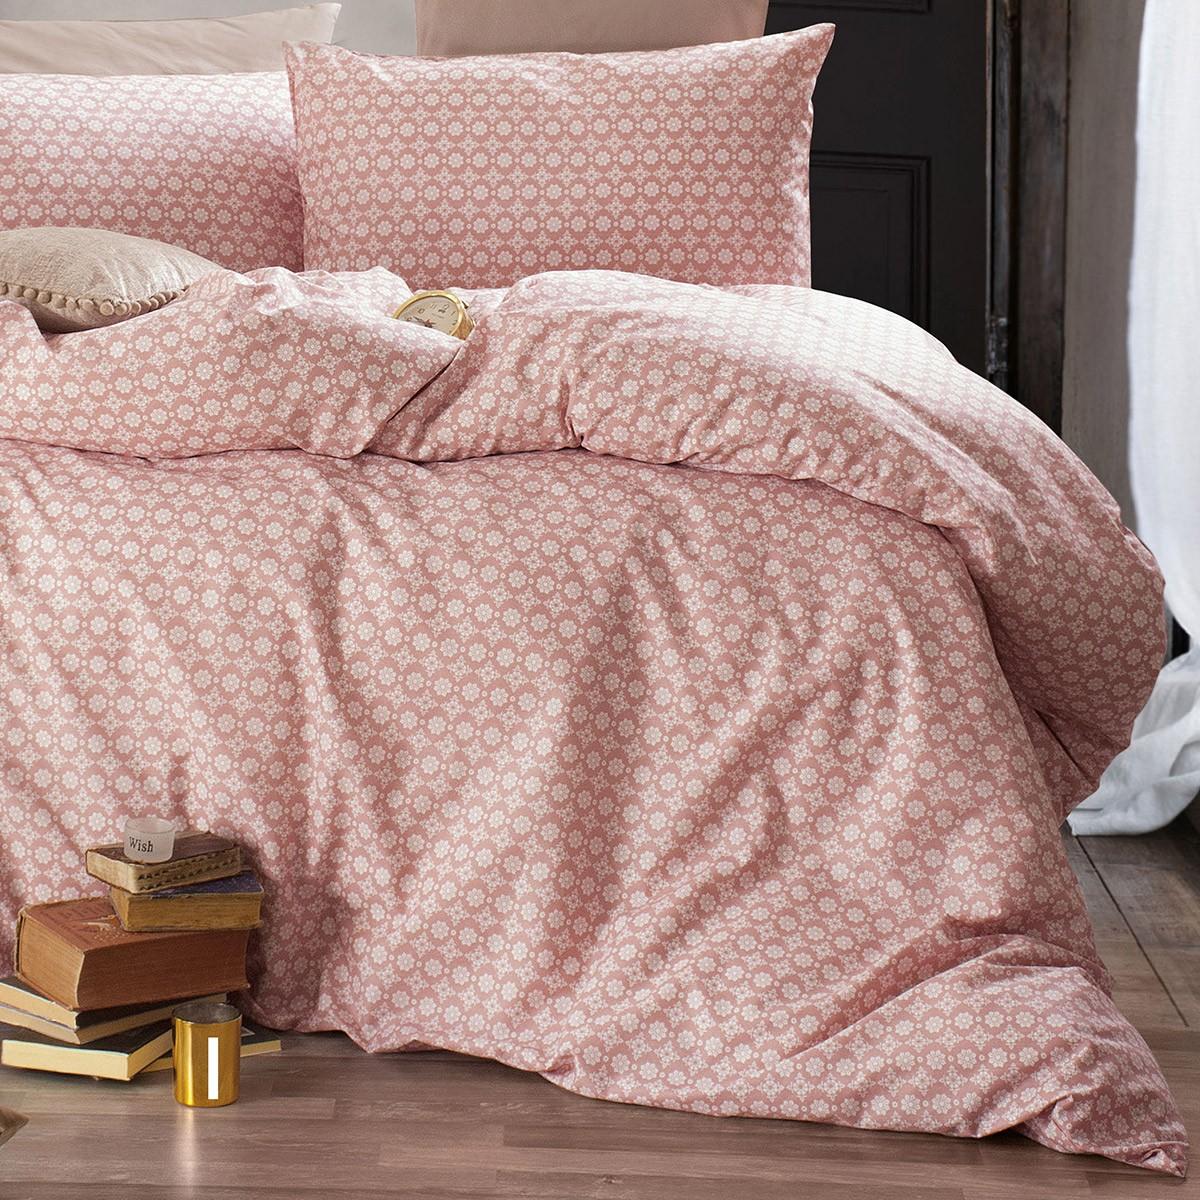 Πάπλωμα Μονό (Σετ) Rythmos Next Tivoli Pink 86588